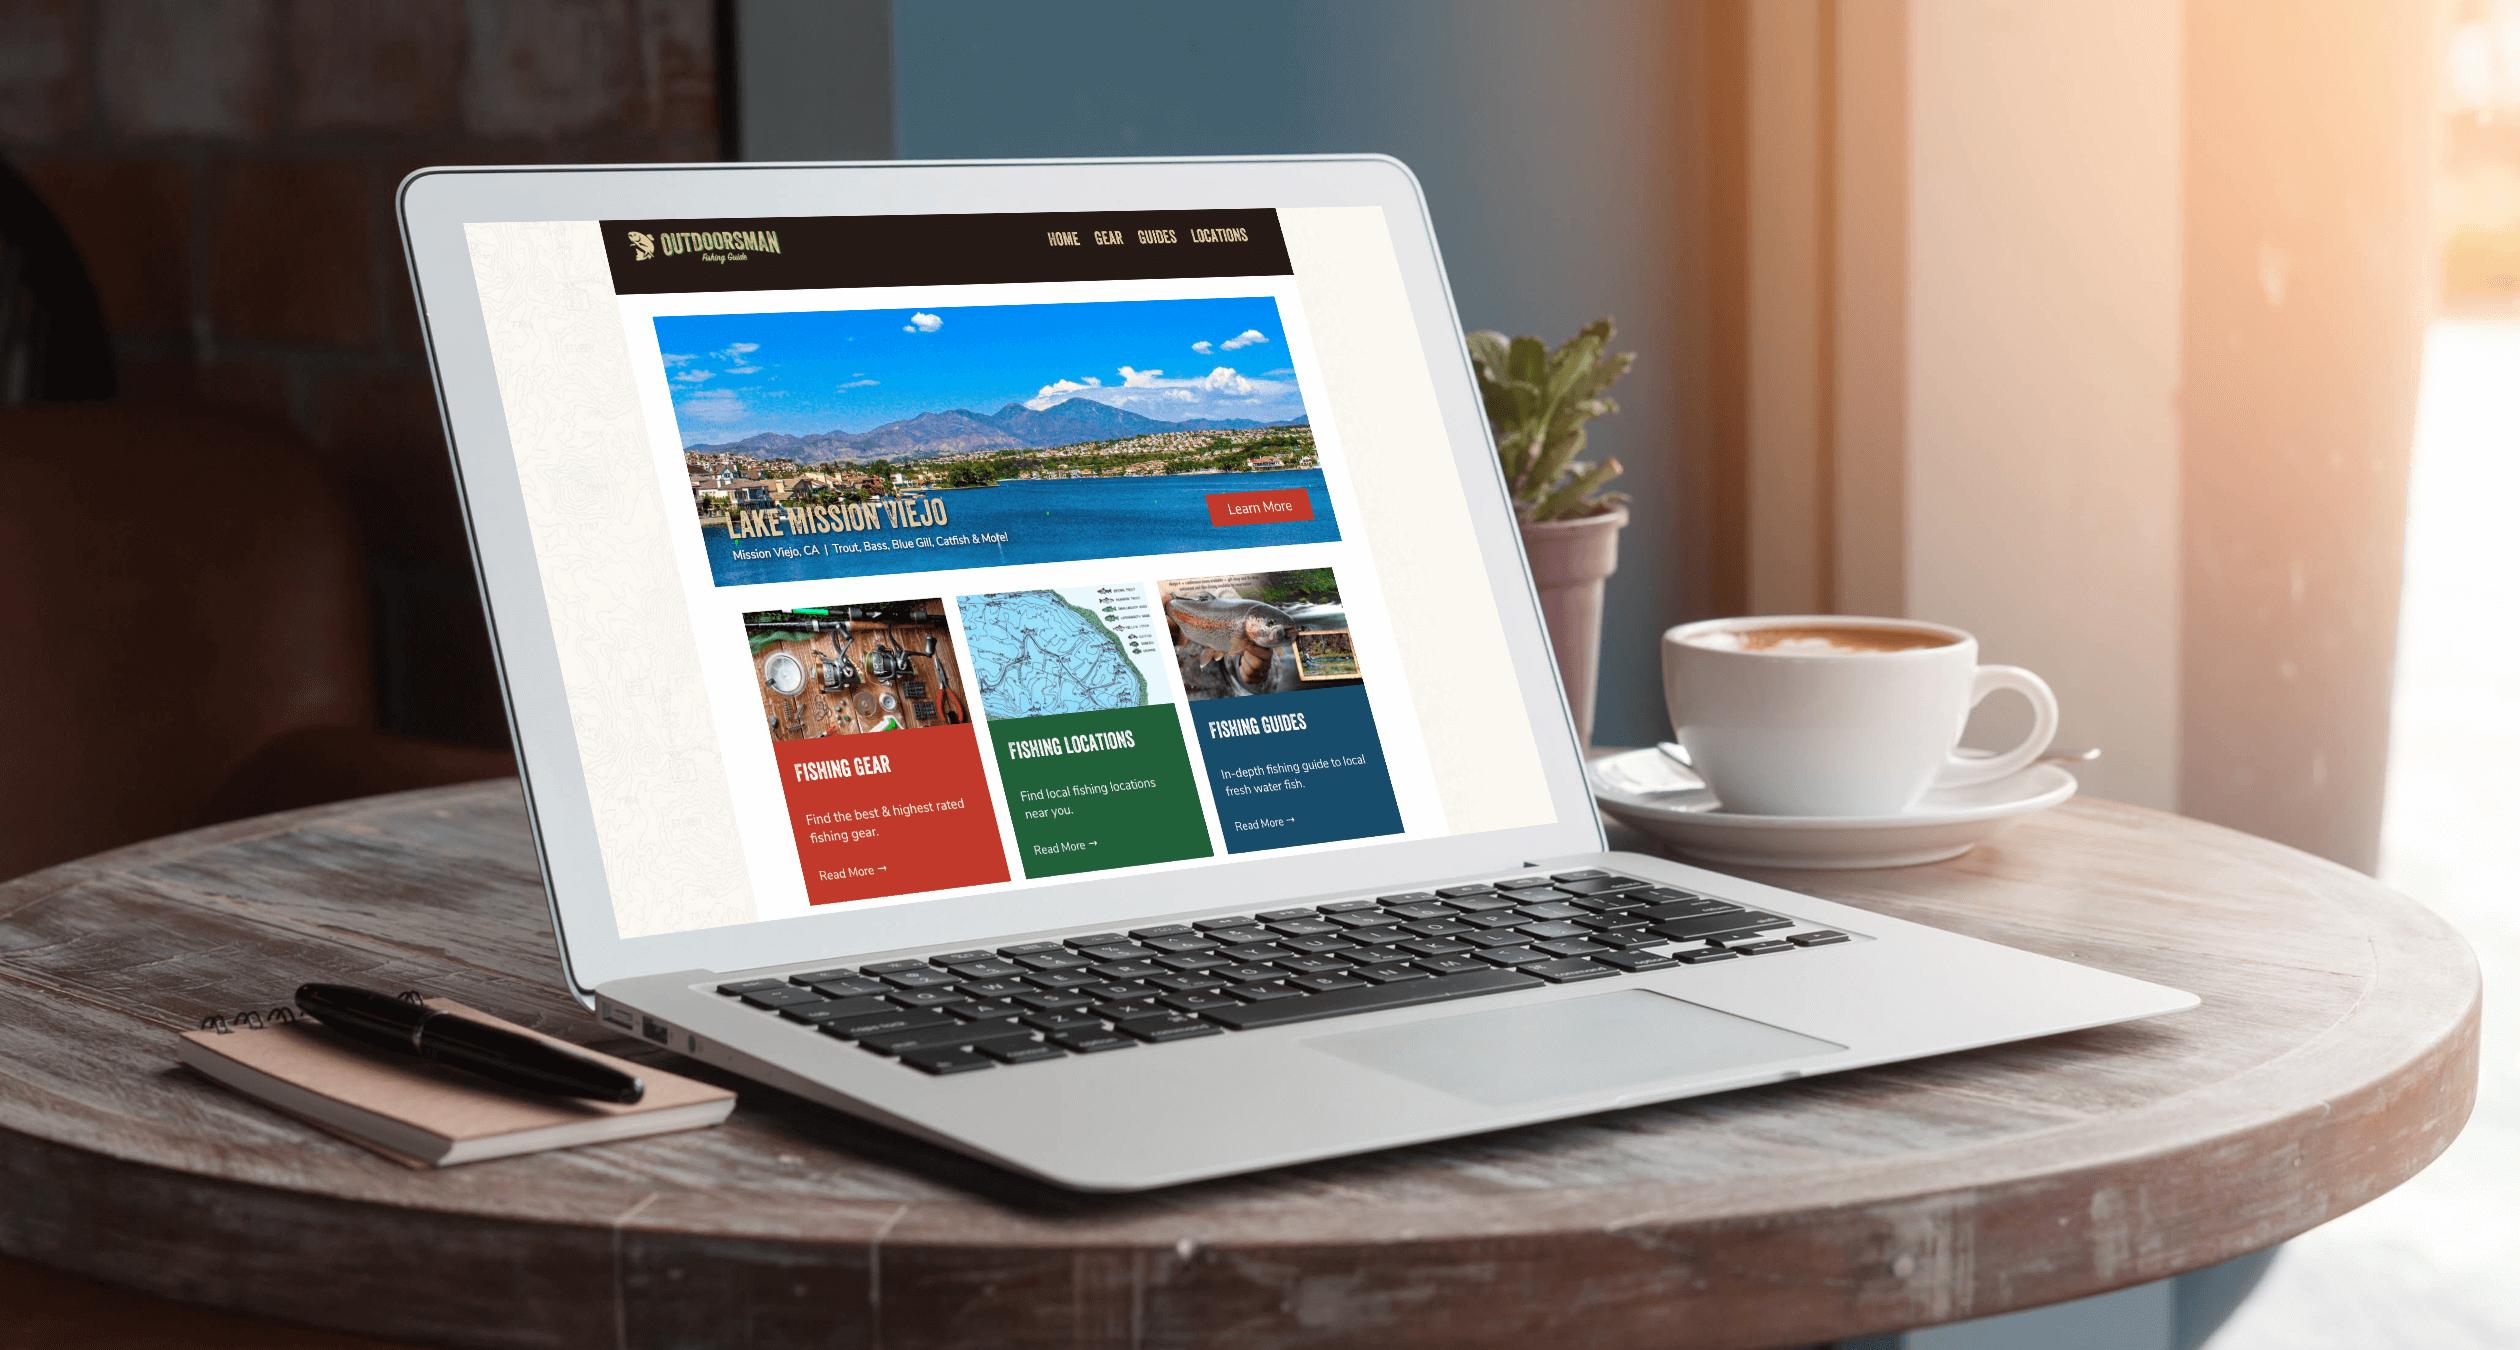 Outdoorsman-Fishing-Guides-Website-Design-V2